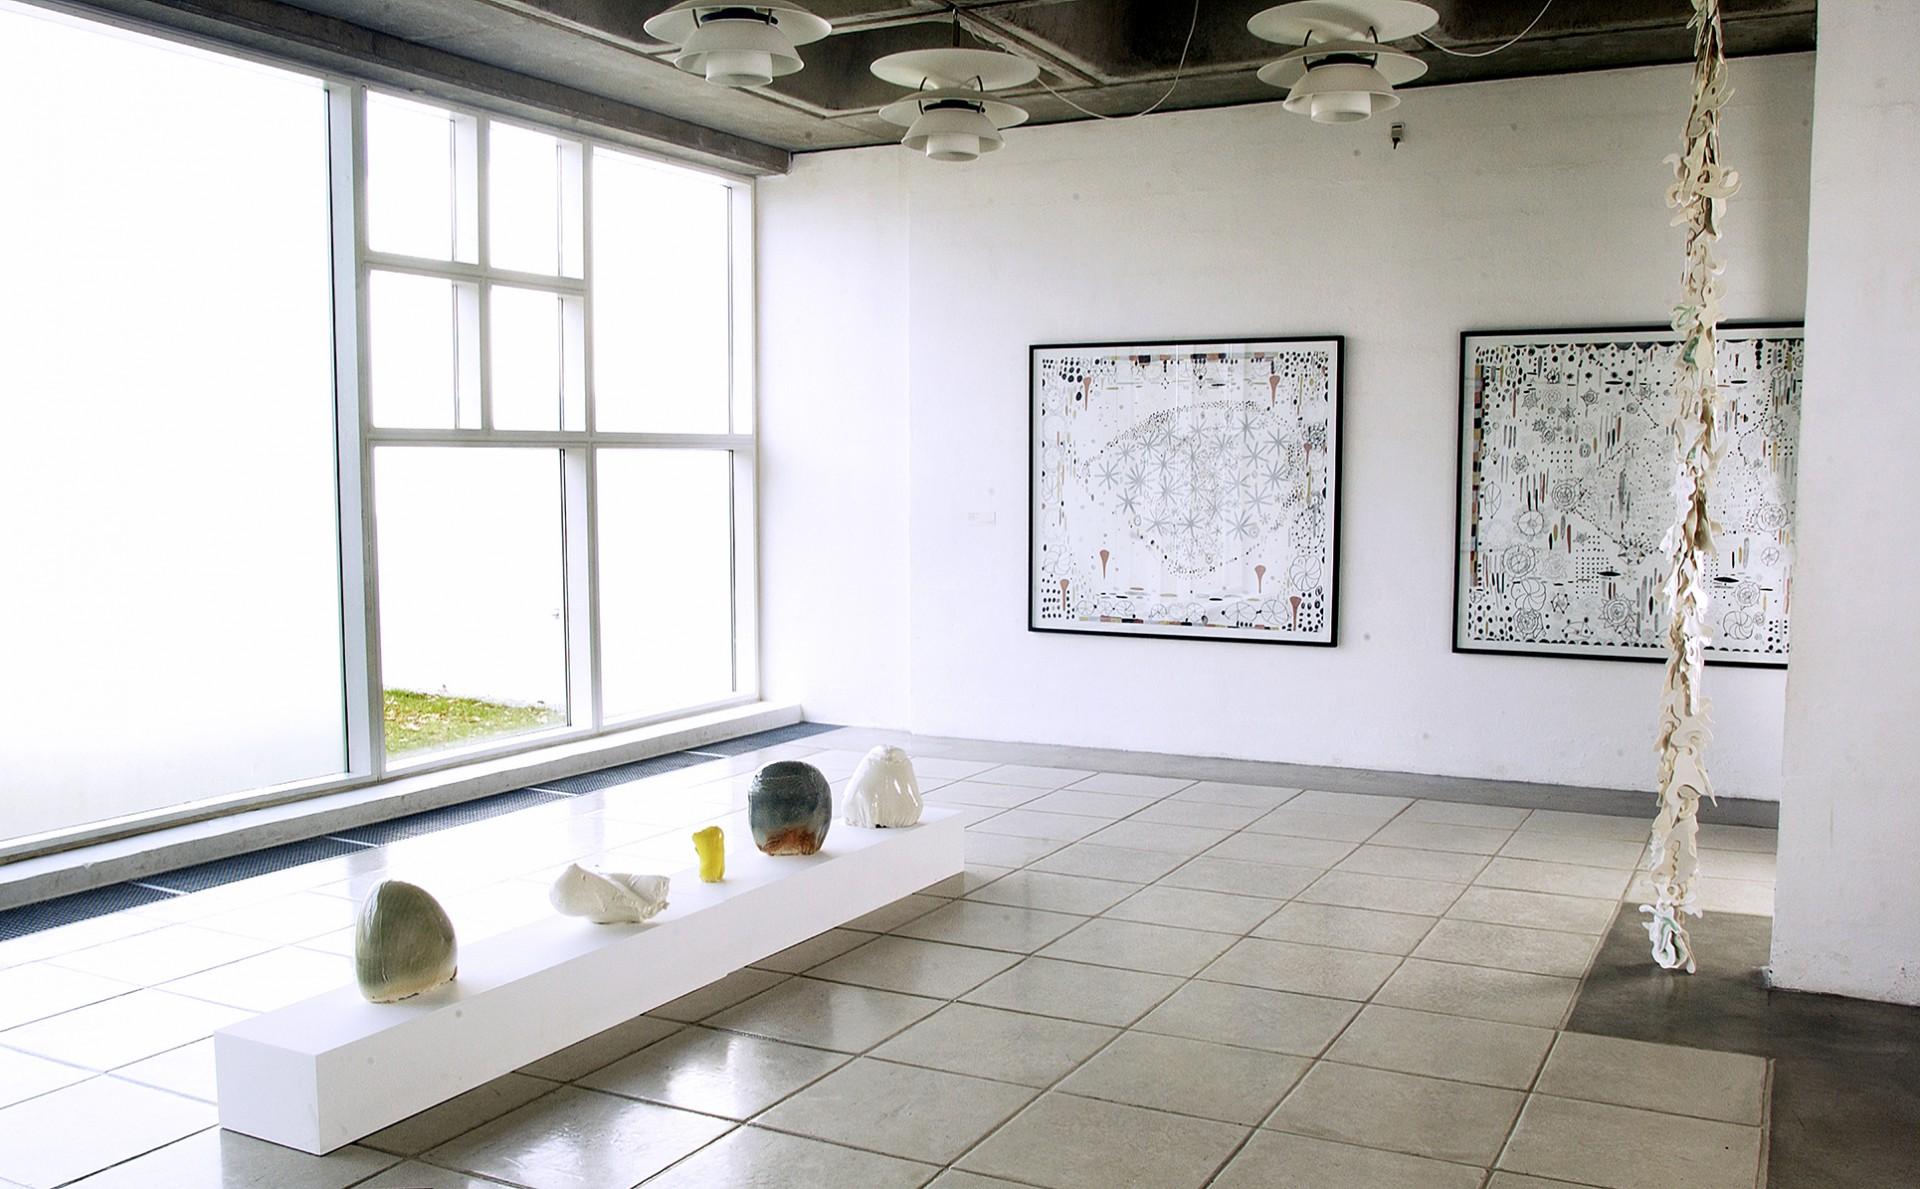 Kirstine Vaaben <i>Crossover Natural,</i> Museum of Modern Art Trapholt, 2006